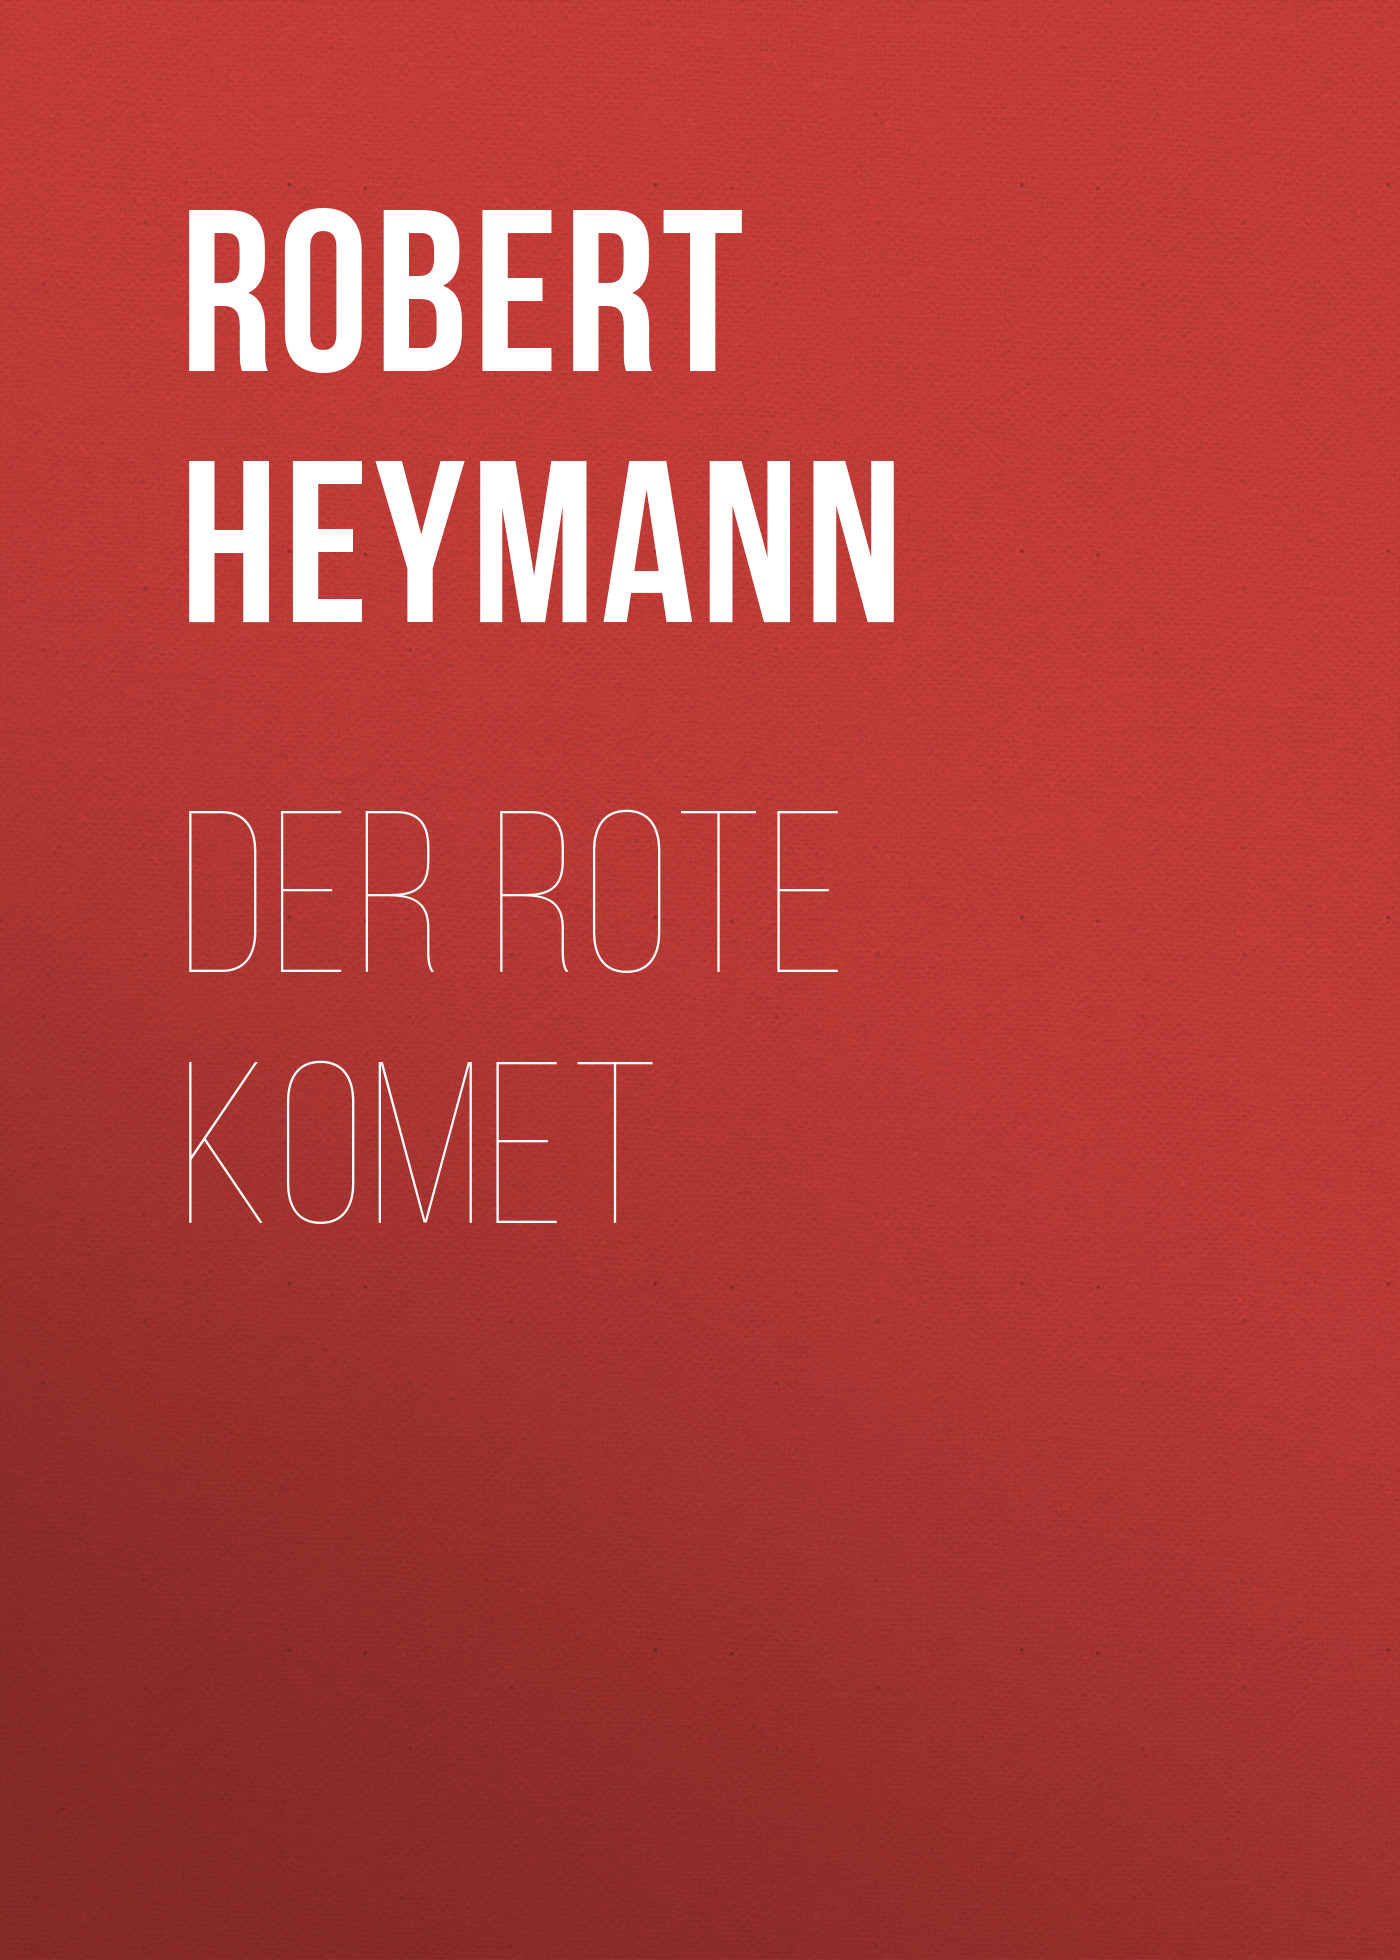 Robert Heymann Der rote Komet robert emden gaskugeln anwendungen der mechanischen warmetheorie